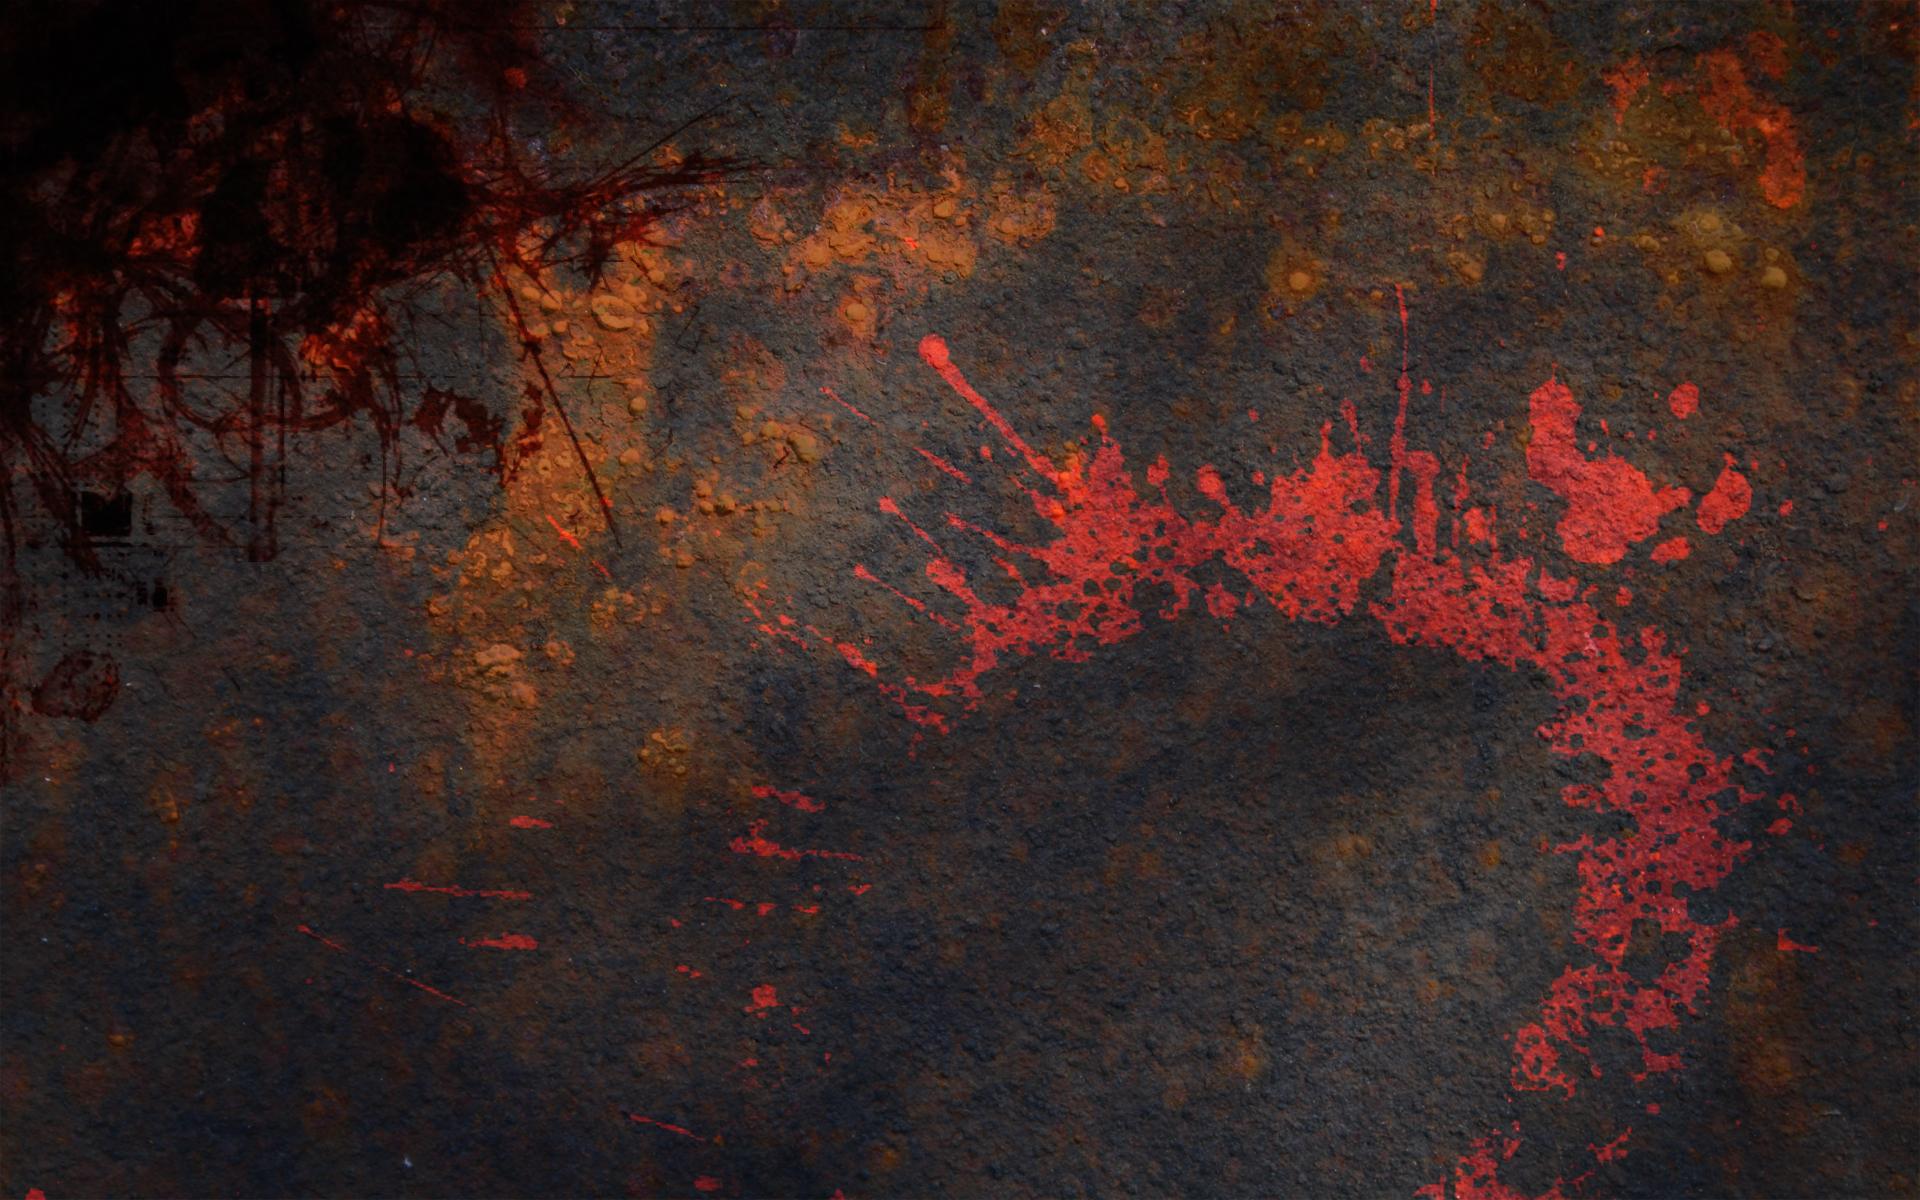 Grunge Hd wallpaper   987117 1920x1200